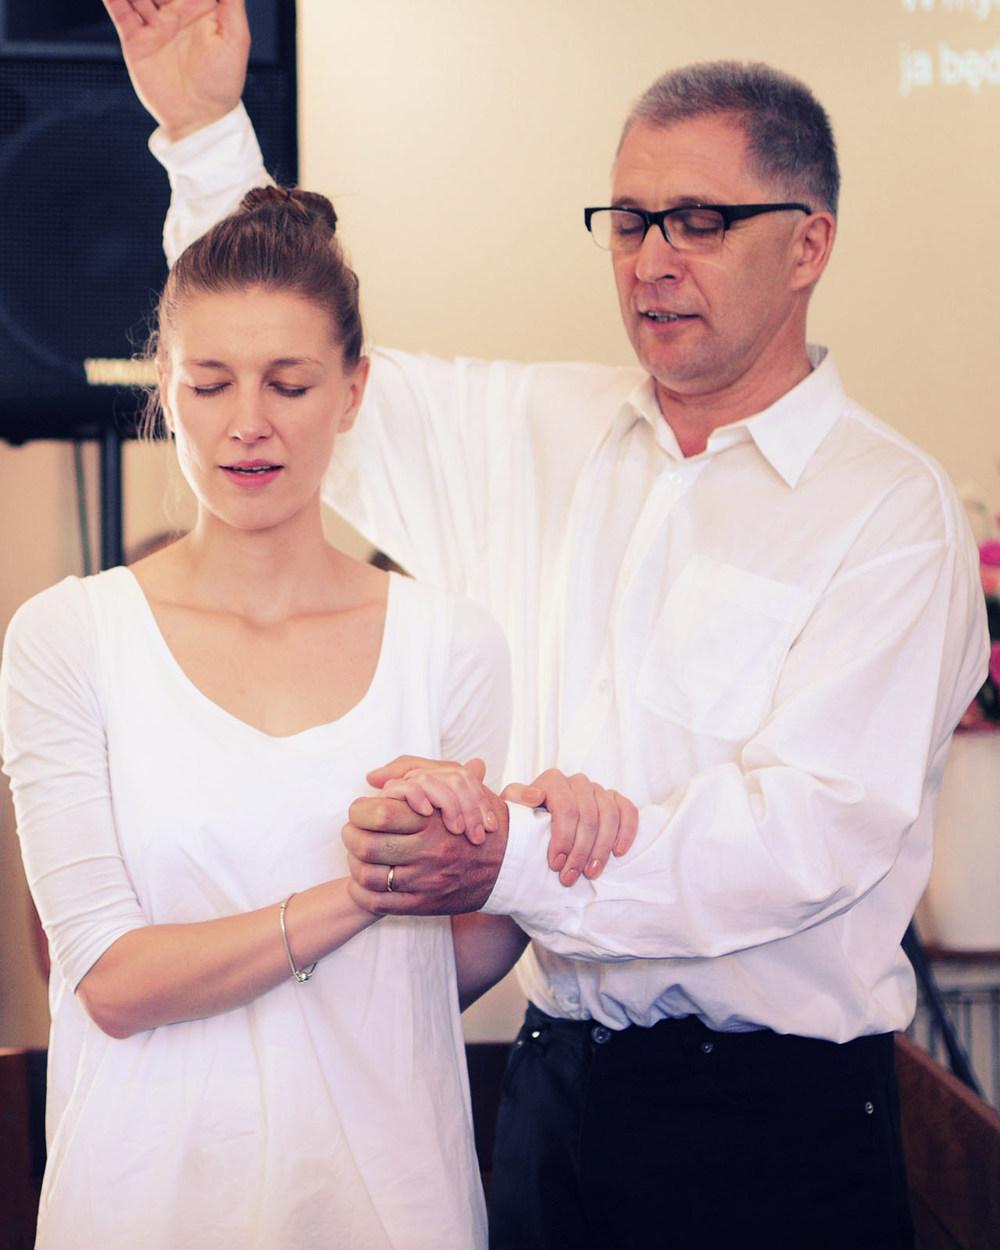 najważniejszy punkt nabożeństwa - chrzest w imię Ojca i Syna i Ducha Świętego